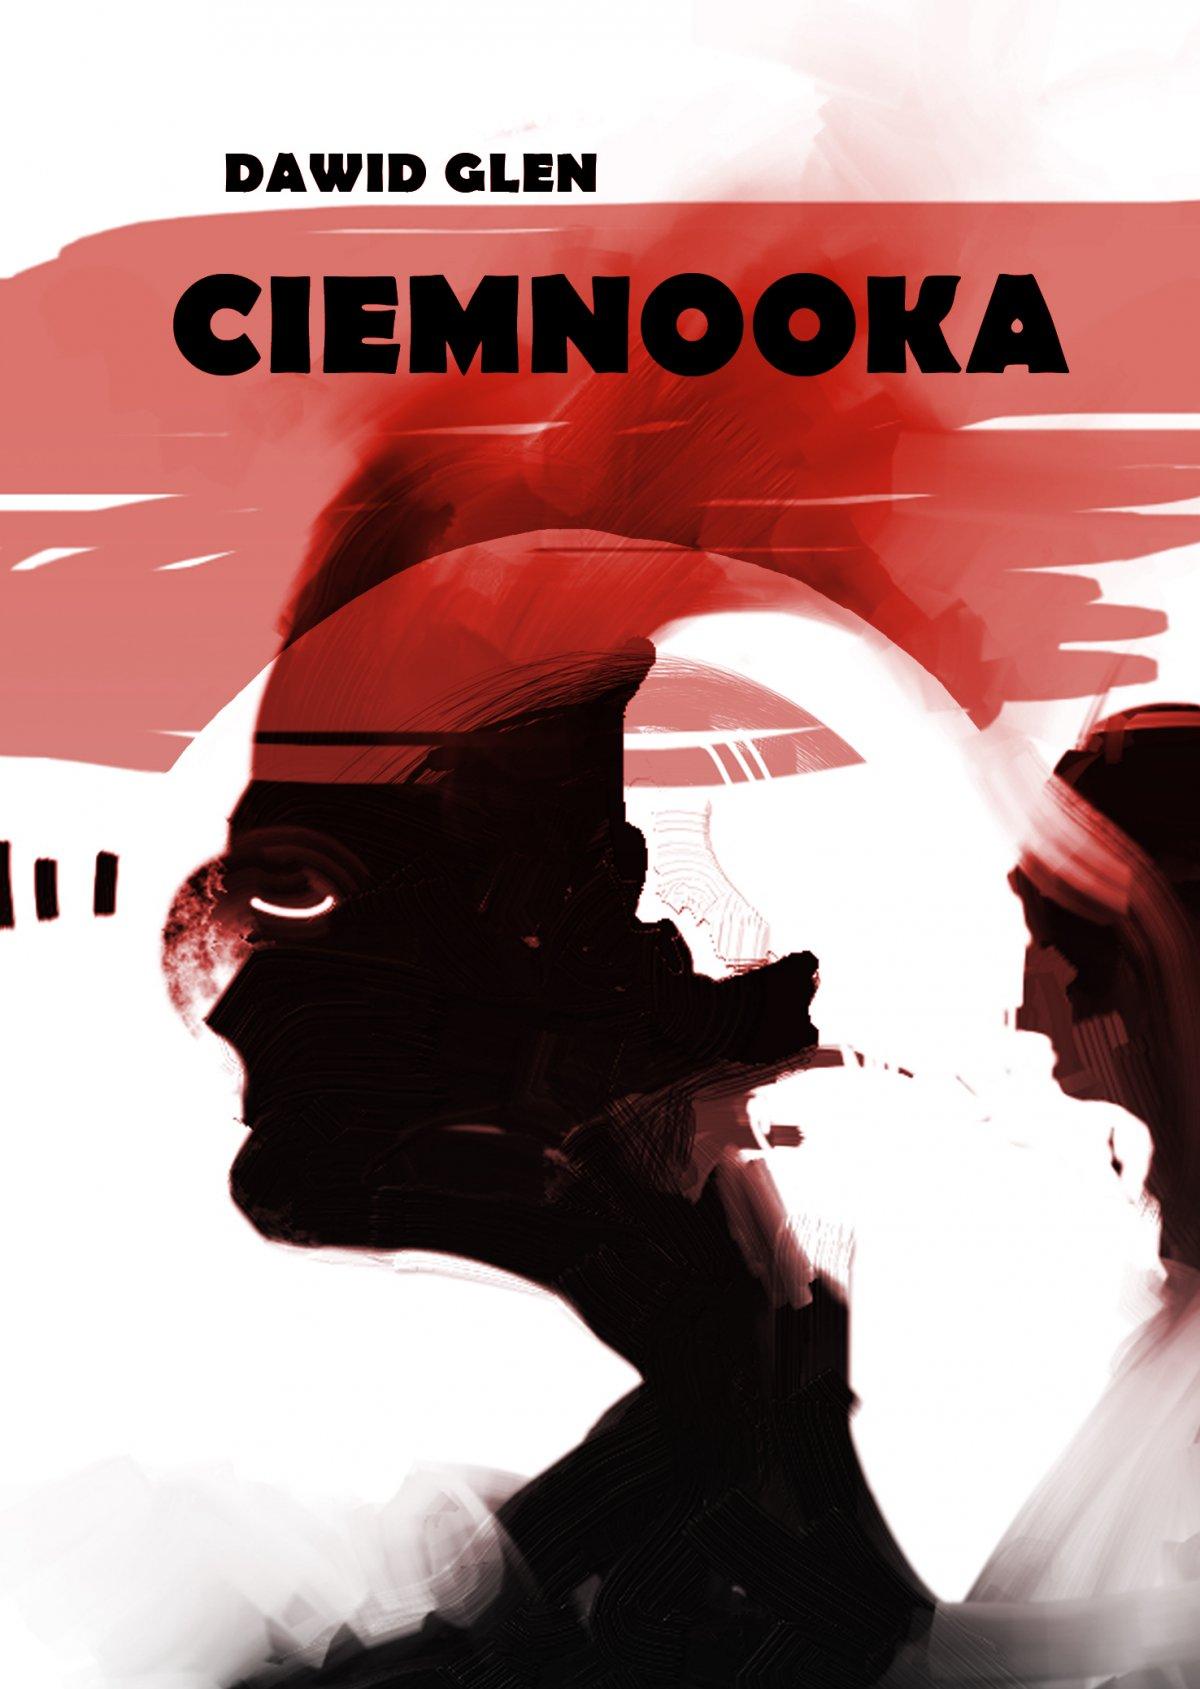 Ciemnooka - Ebook (Książka EPUB) do pobrania w formacie EPUB